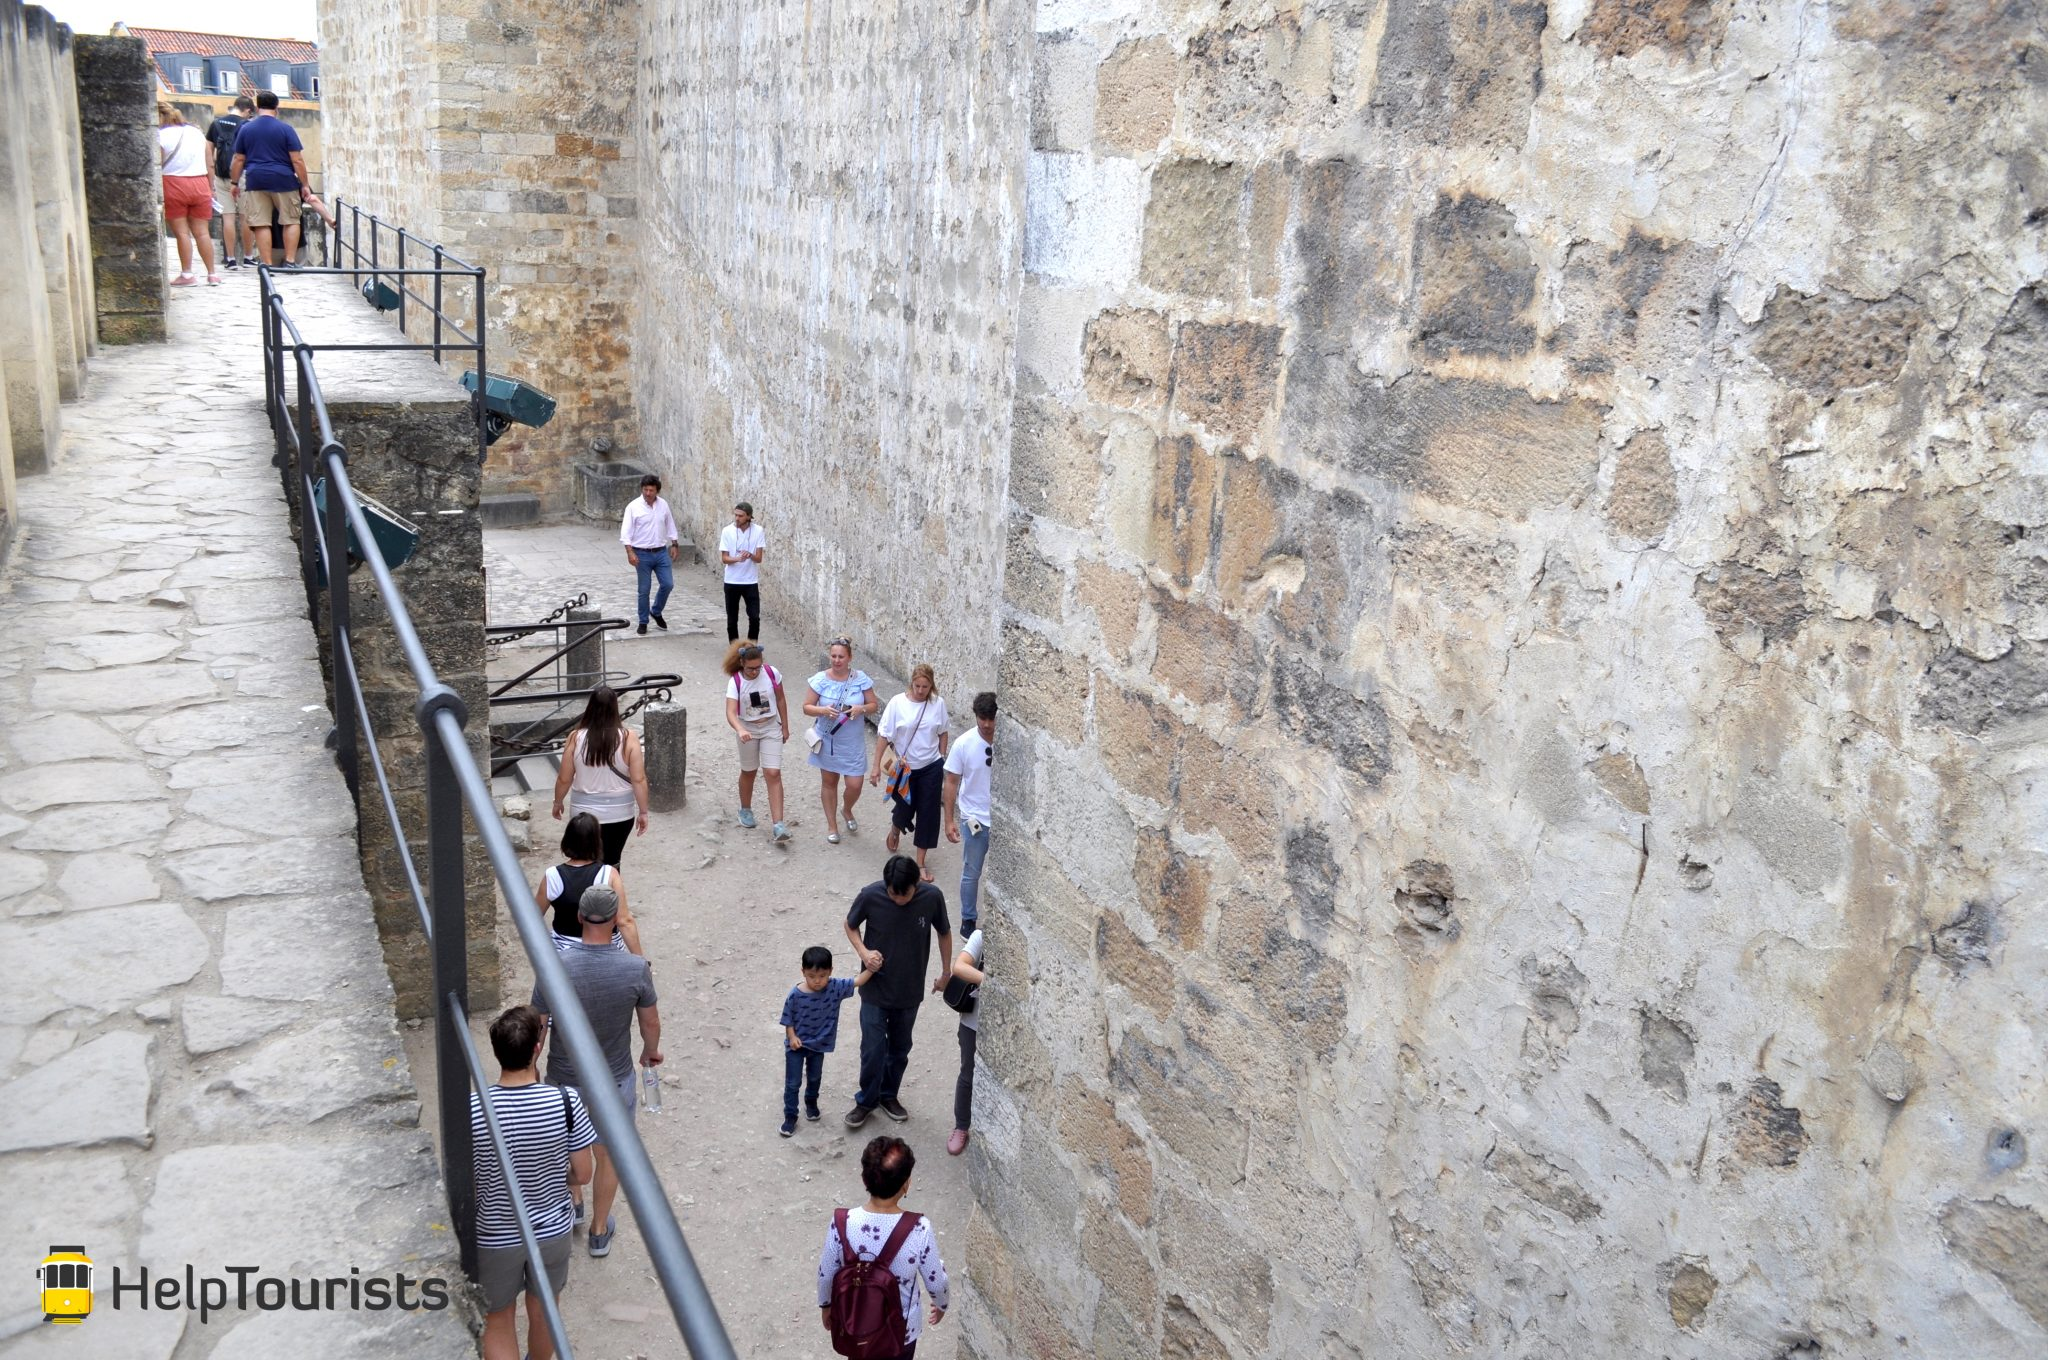 Lissabon Castelo de sao jorge besichtigung